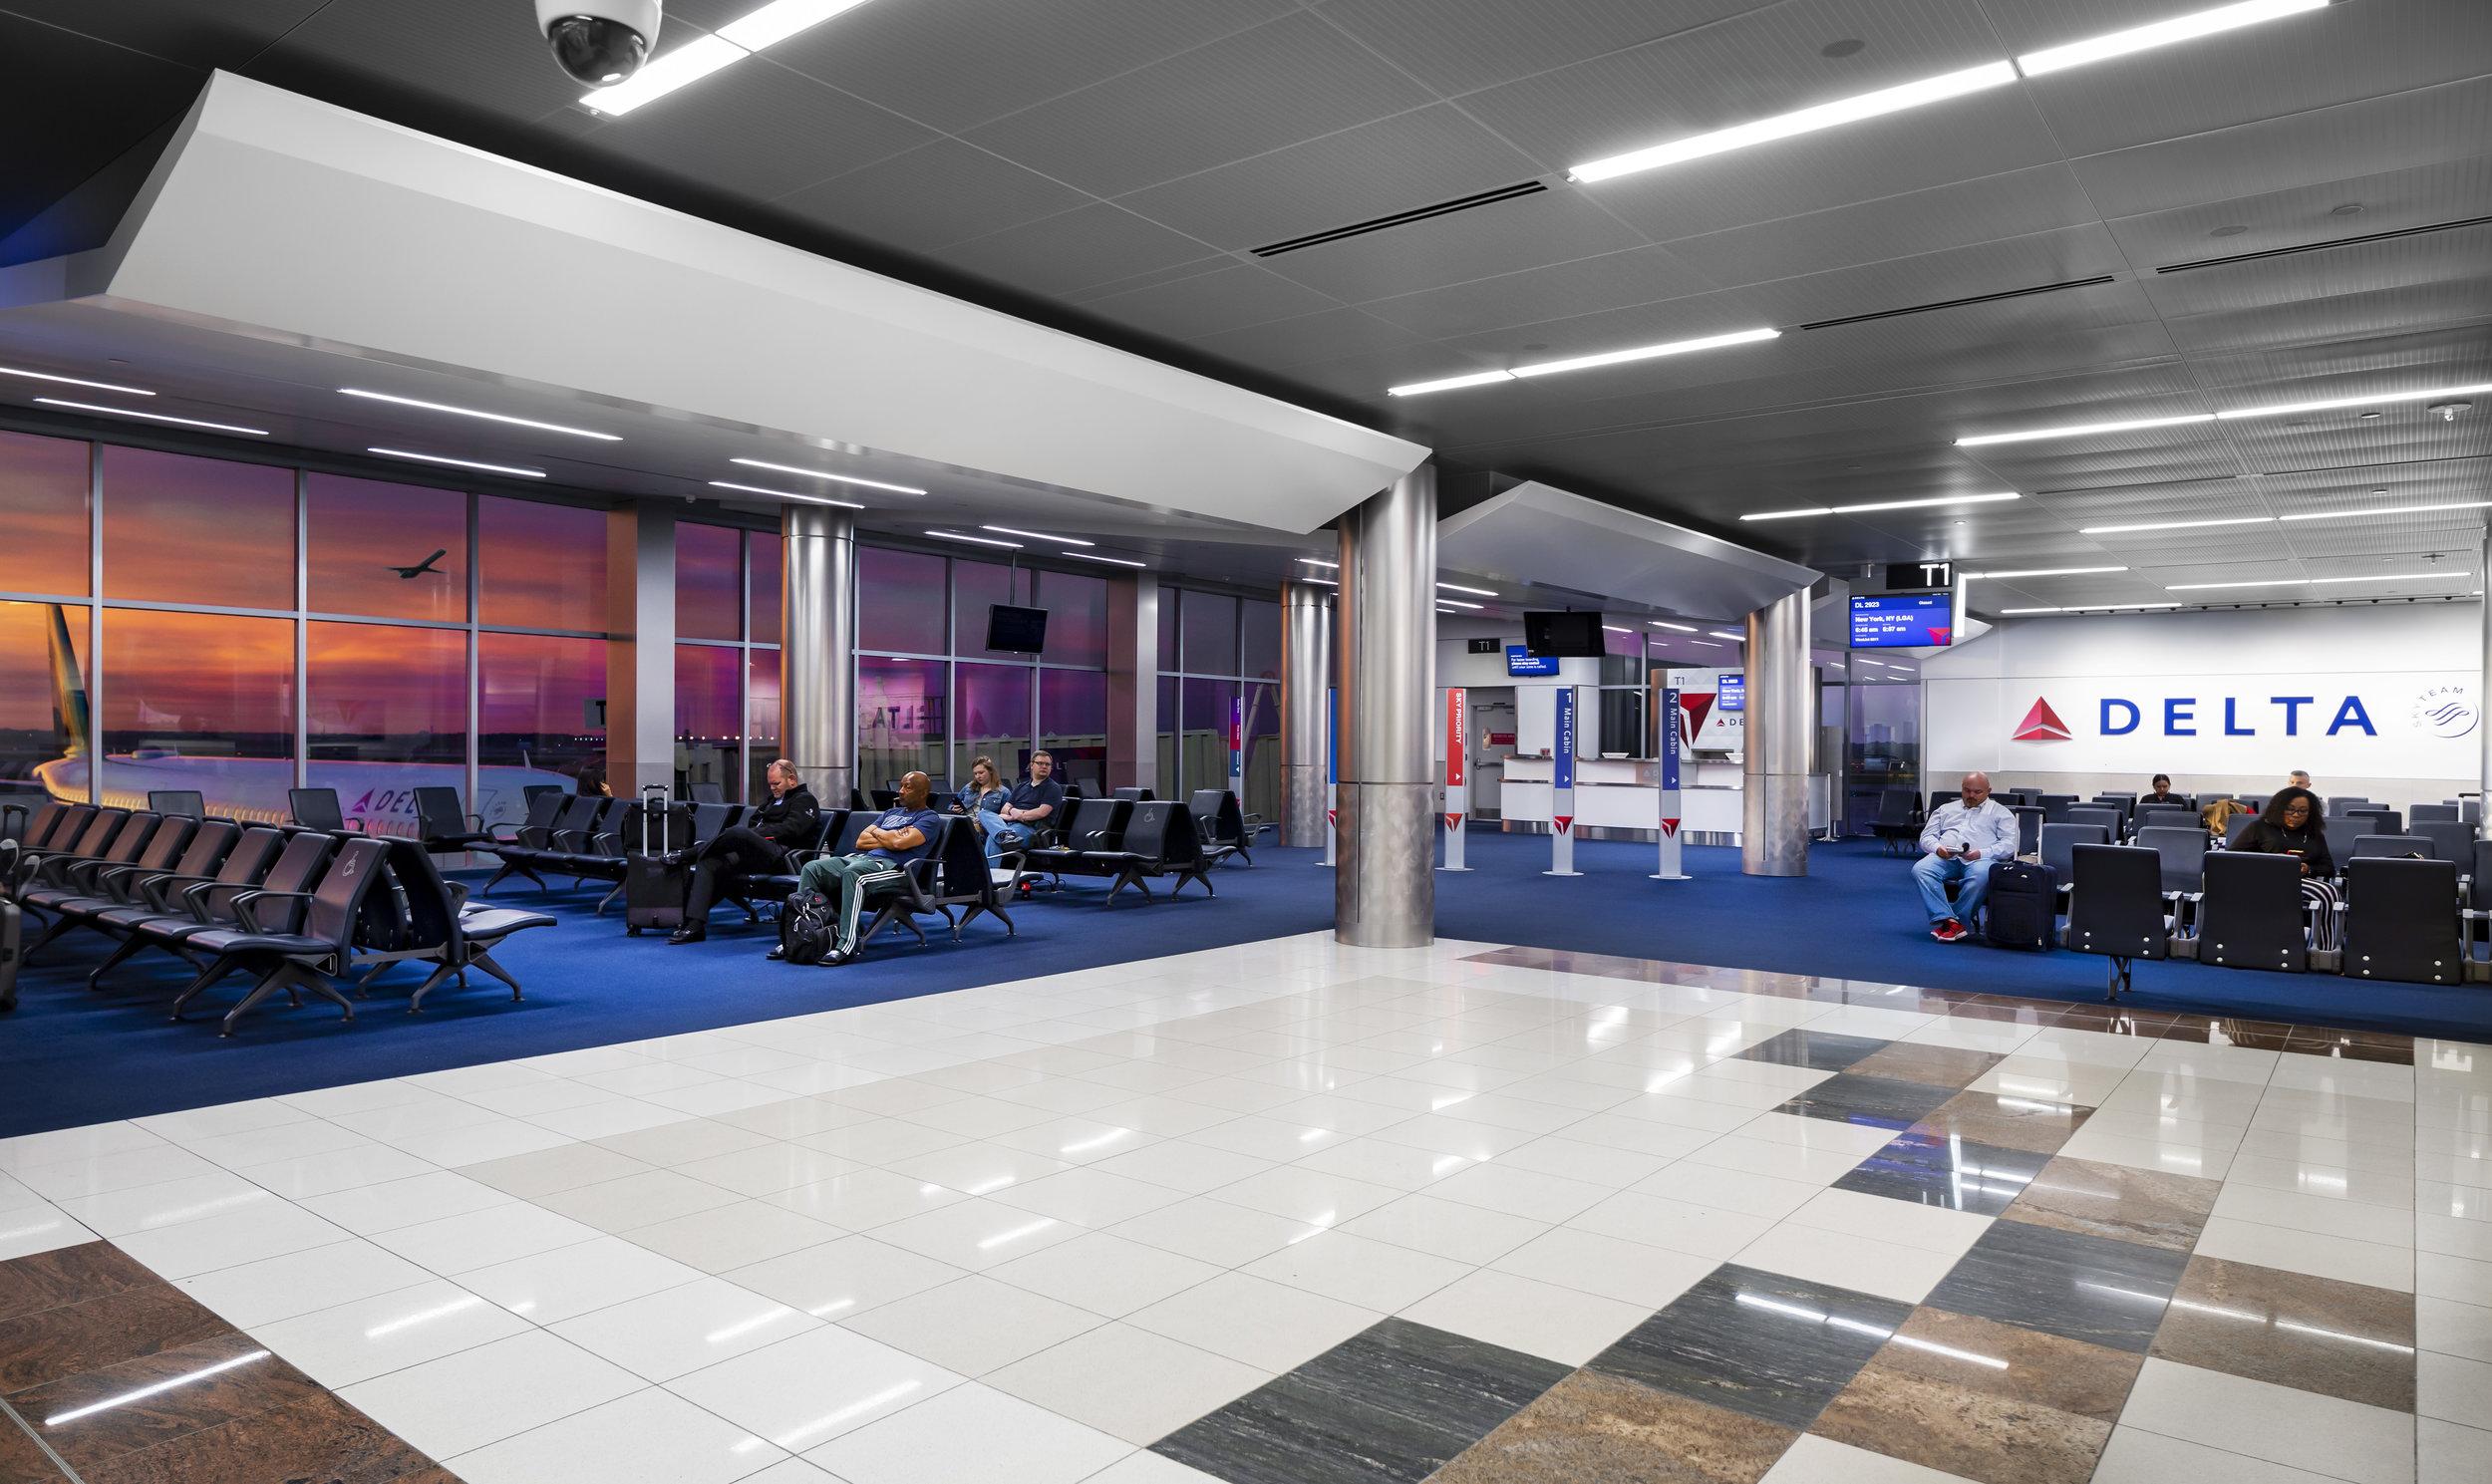 AtlantaAirport_04.17.19_0336.jpg